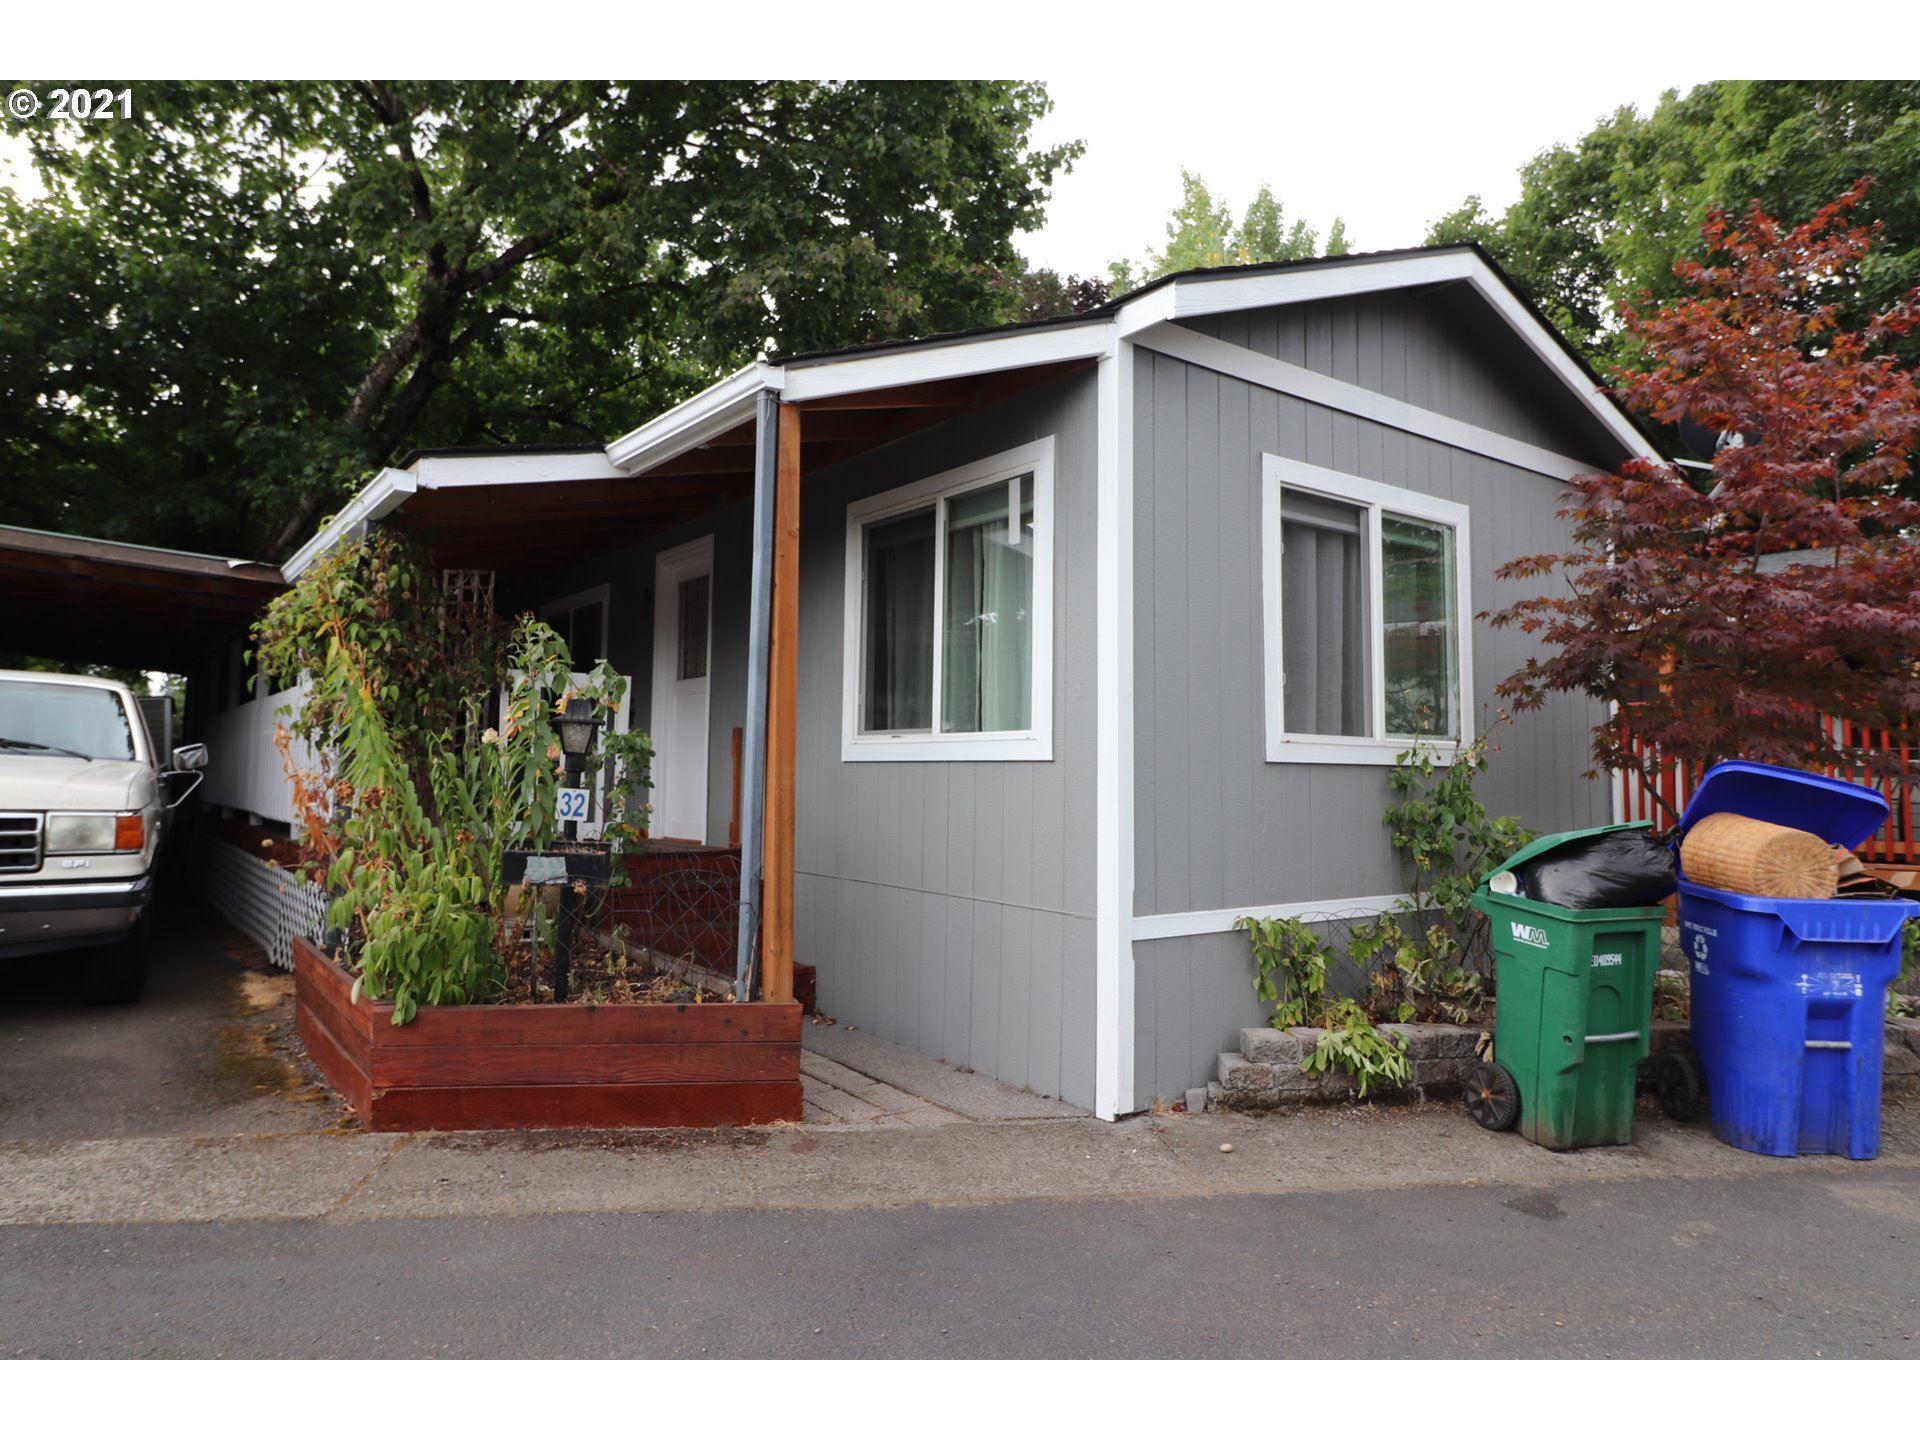 18625 E BURNSIDE ST #32, Portland, OR 97233 - MLS#: 21590441